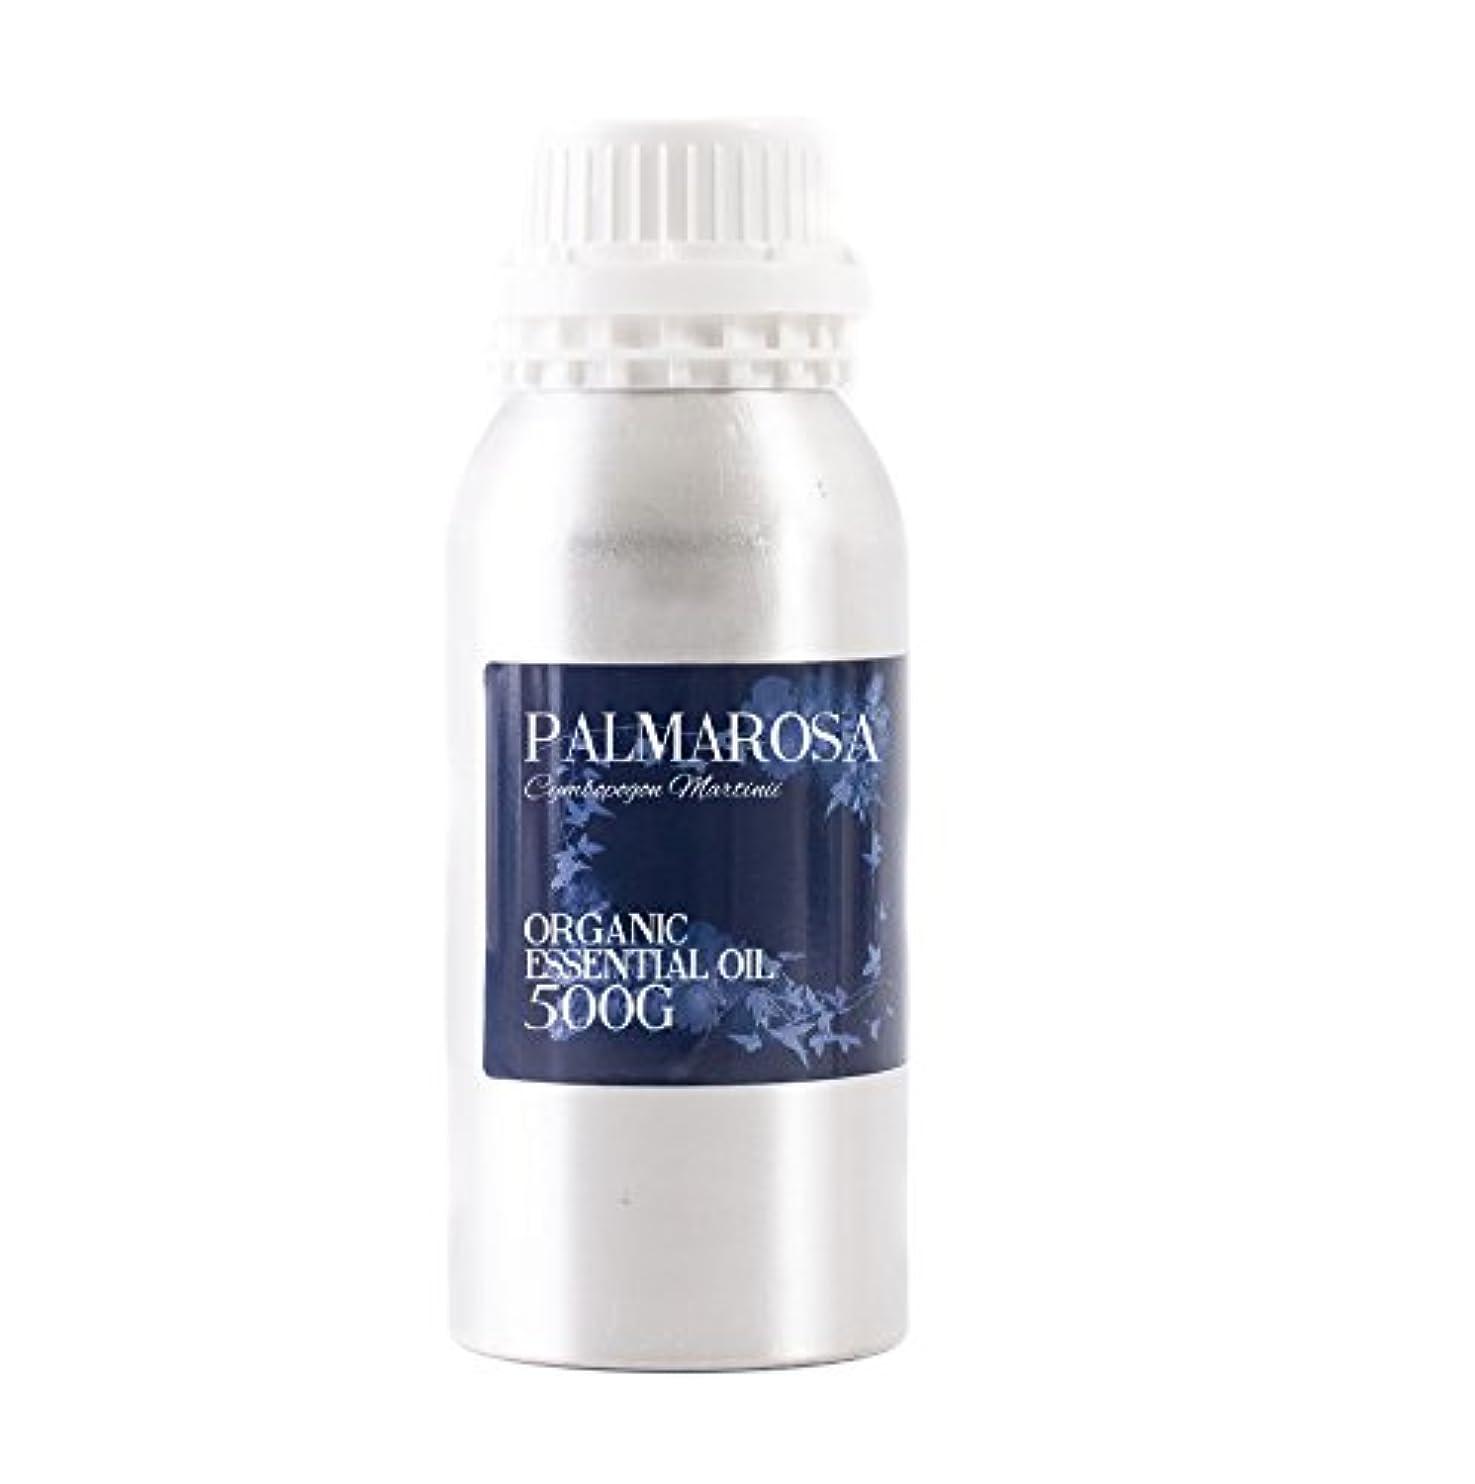 残り物バンクウェブMystic Moments | Palmarosa Organic Essential Oil - 500g - 100% Pure